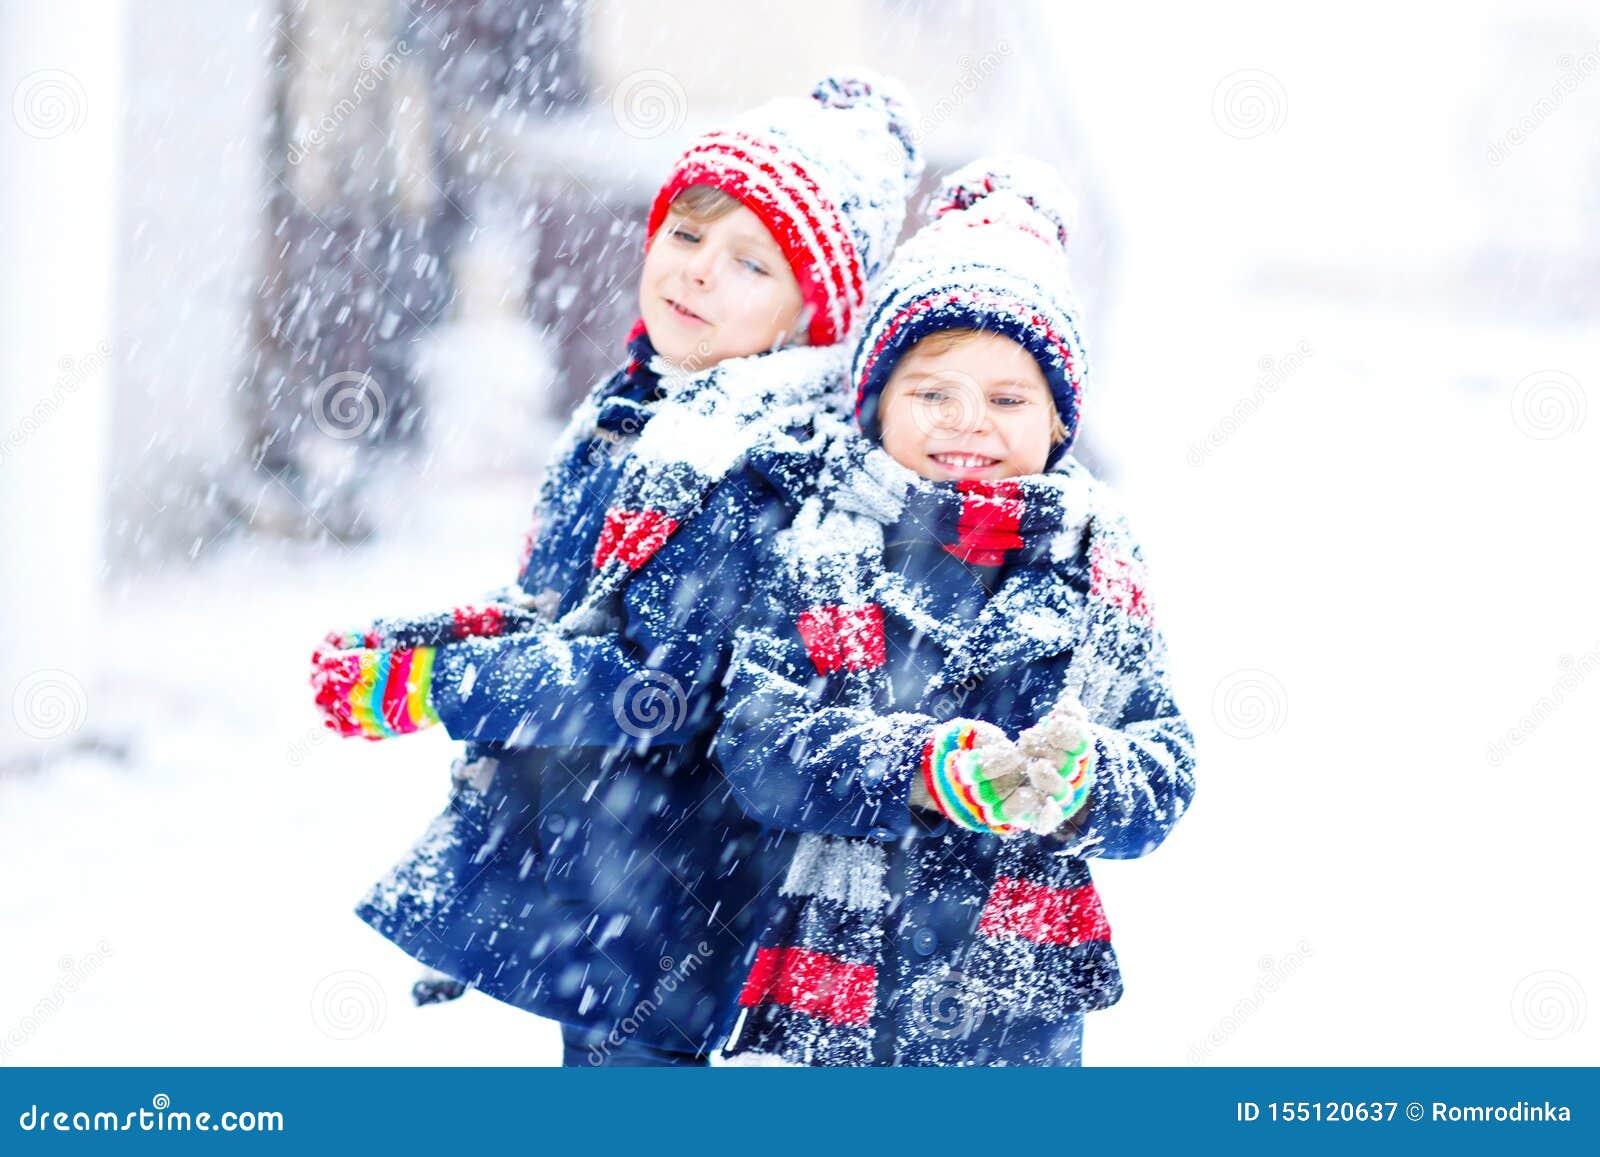 Dwa ma?e dziecko ch?opiec w kolorowej modzie odziewaj? bawi? si? outdoors podczas silnego opadu ?niegu Aktywny czas wolny z dzie?